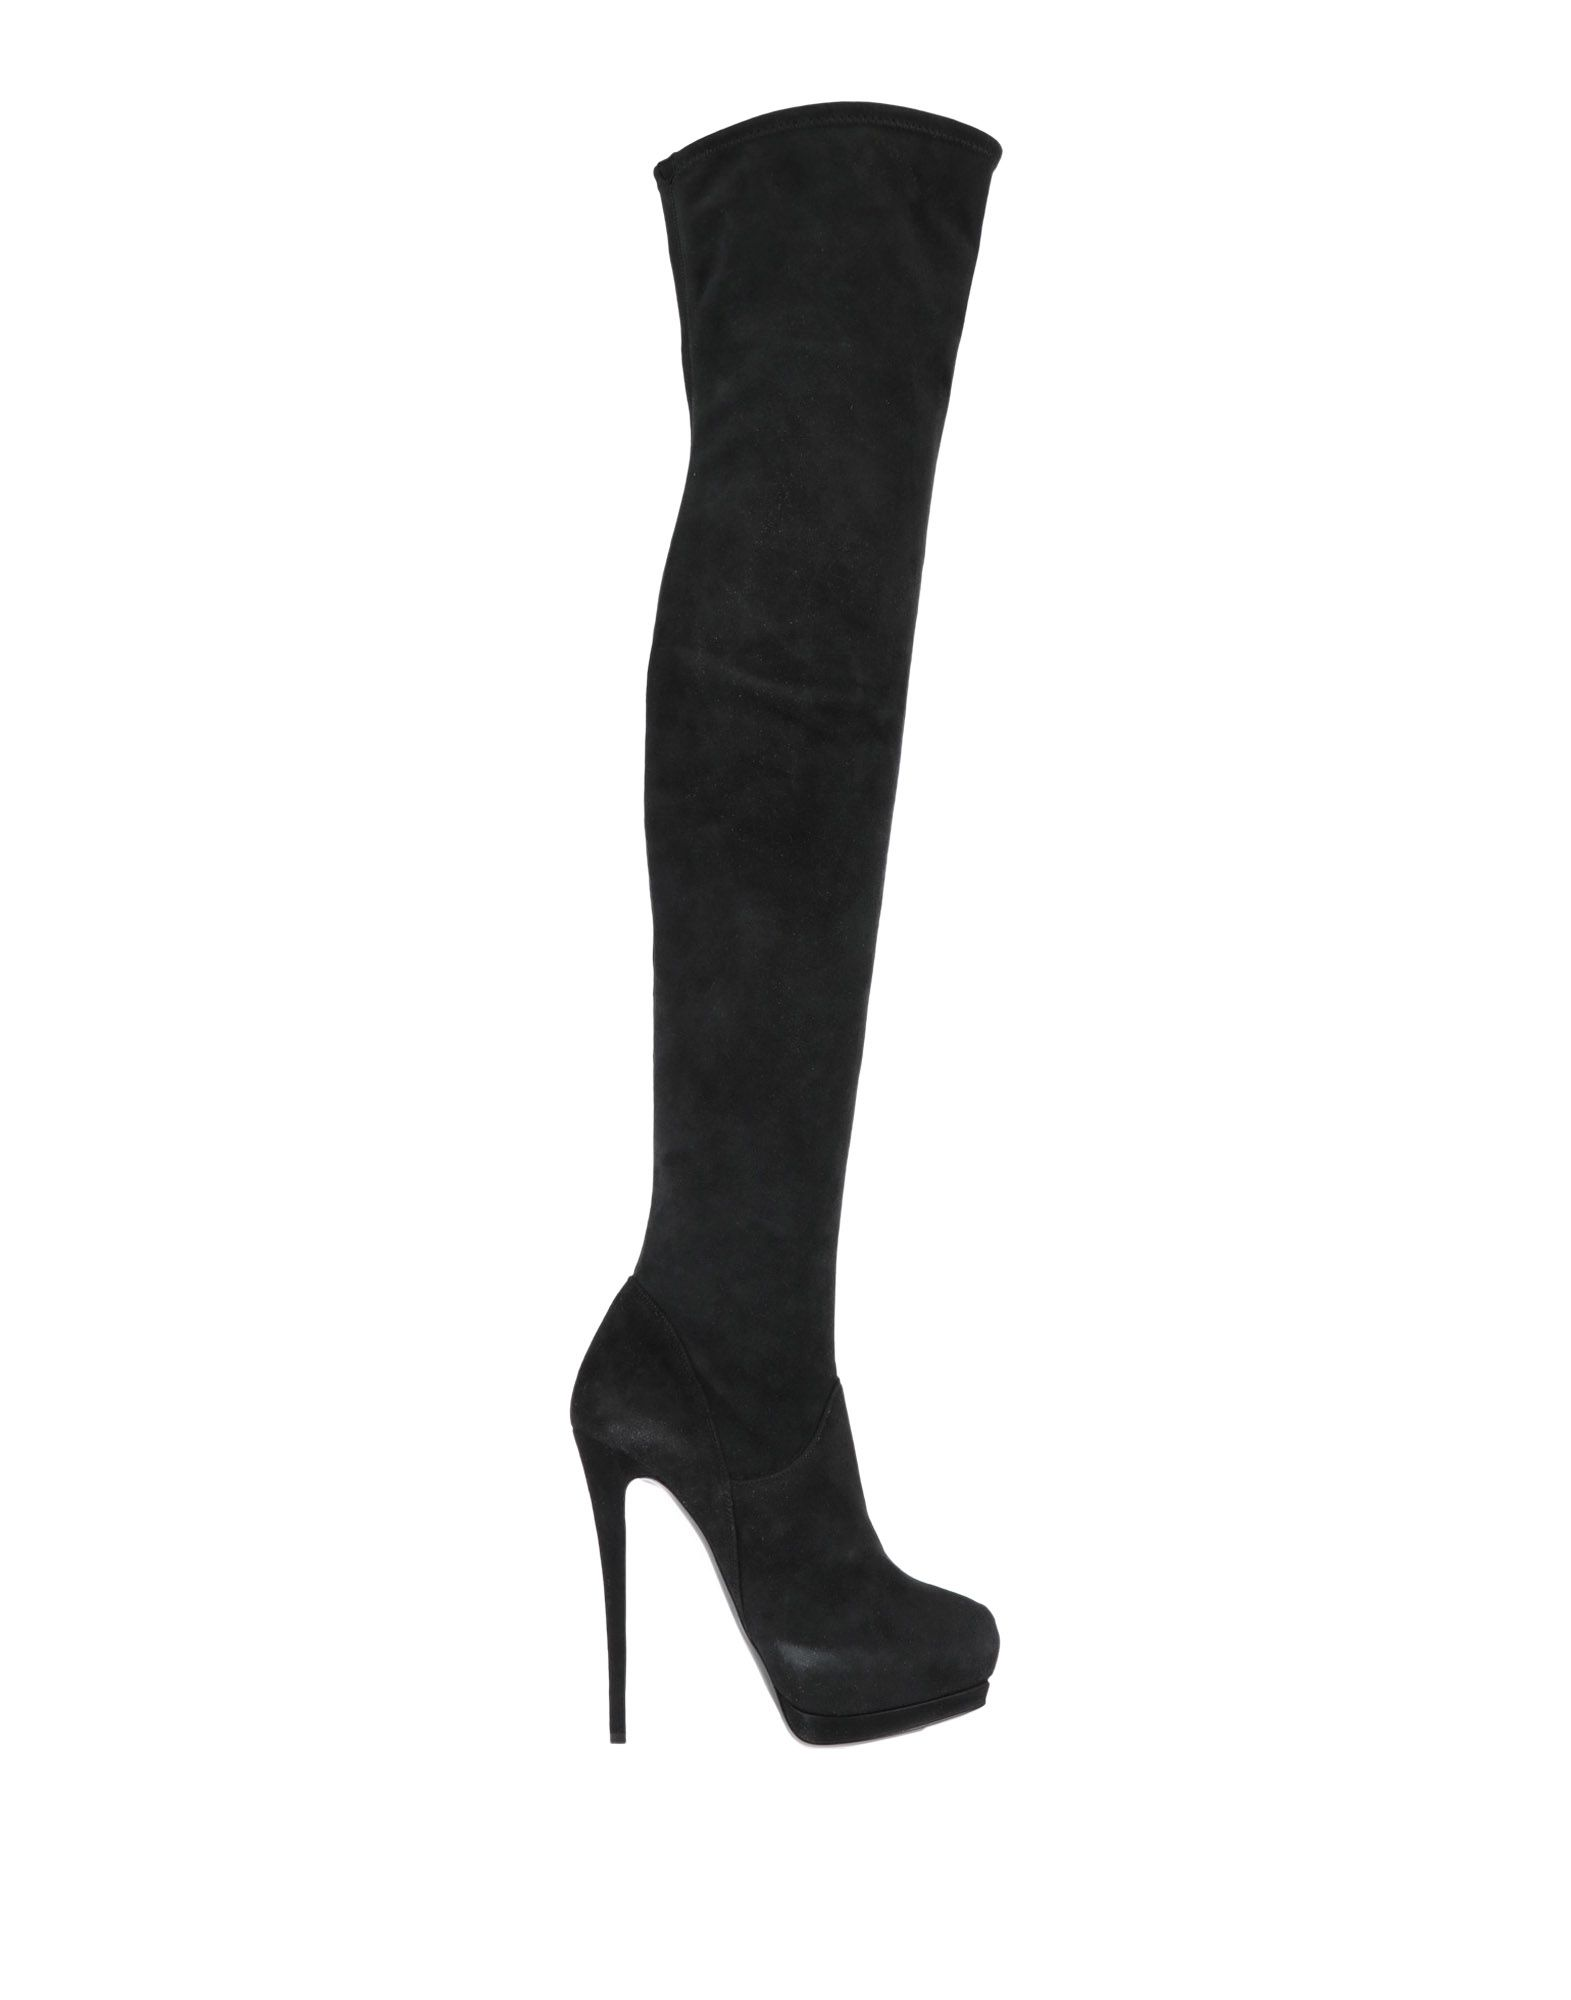 Philipp Plein Boots - Women Philipp Plein Boots Kingdom online on  United Kingdom Boots - 11528709QI 2be86c